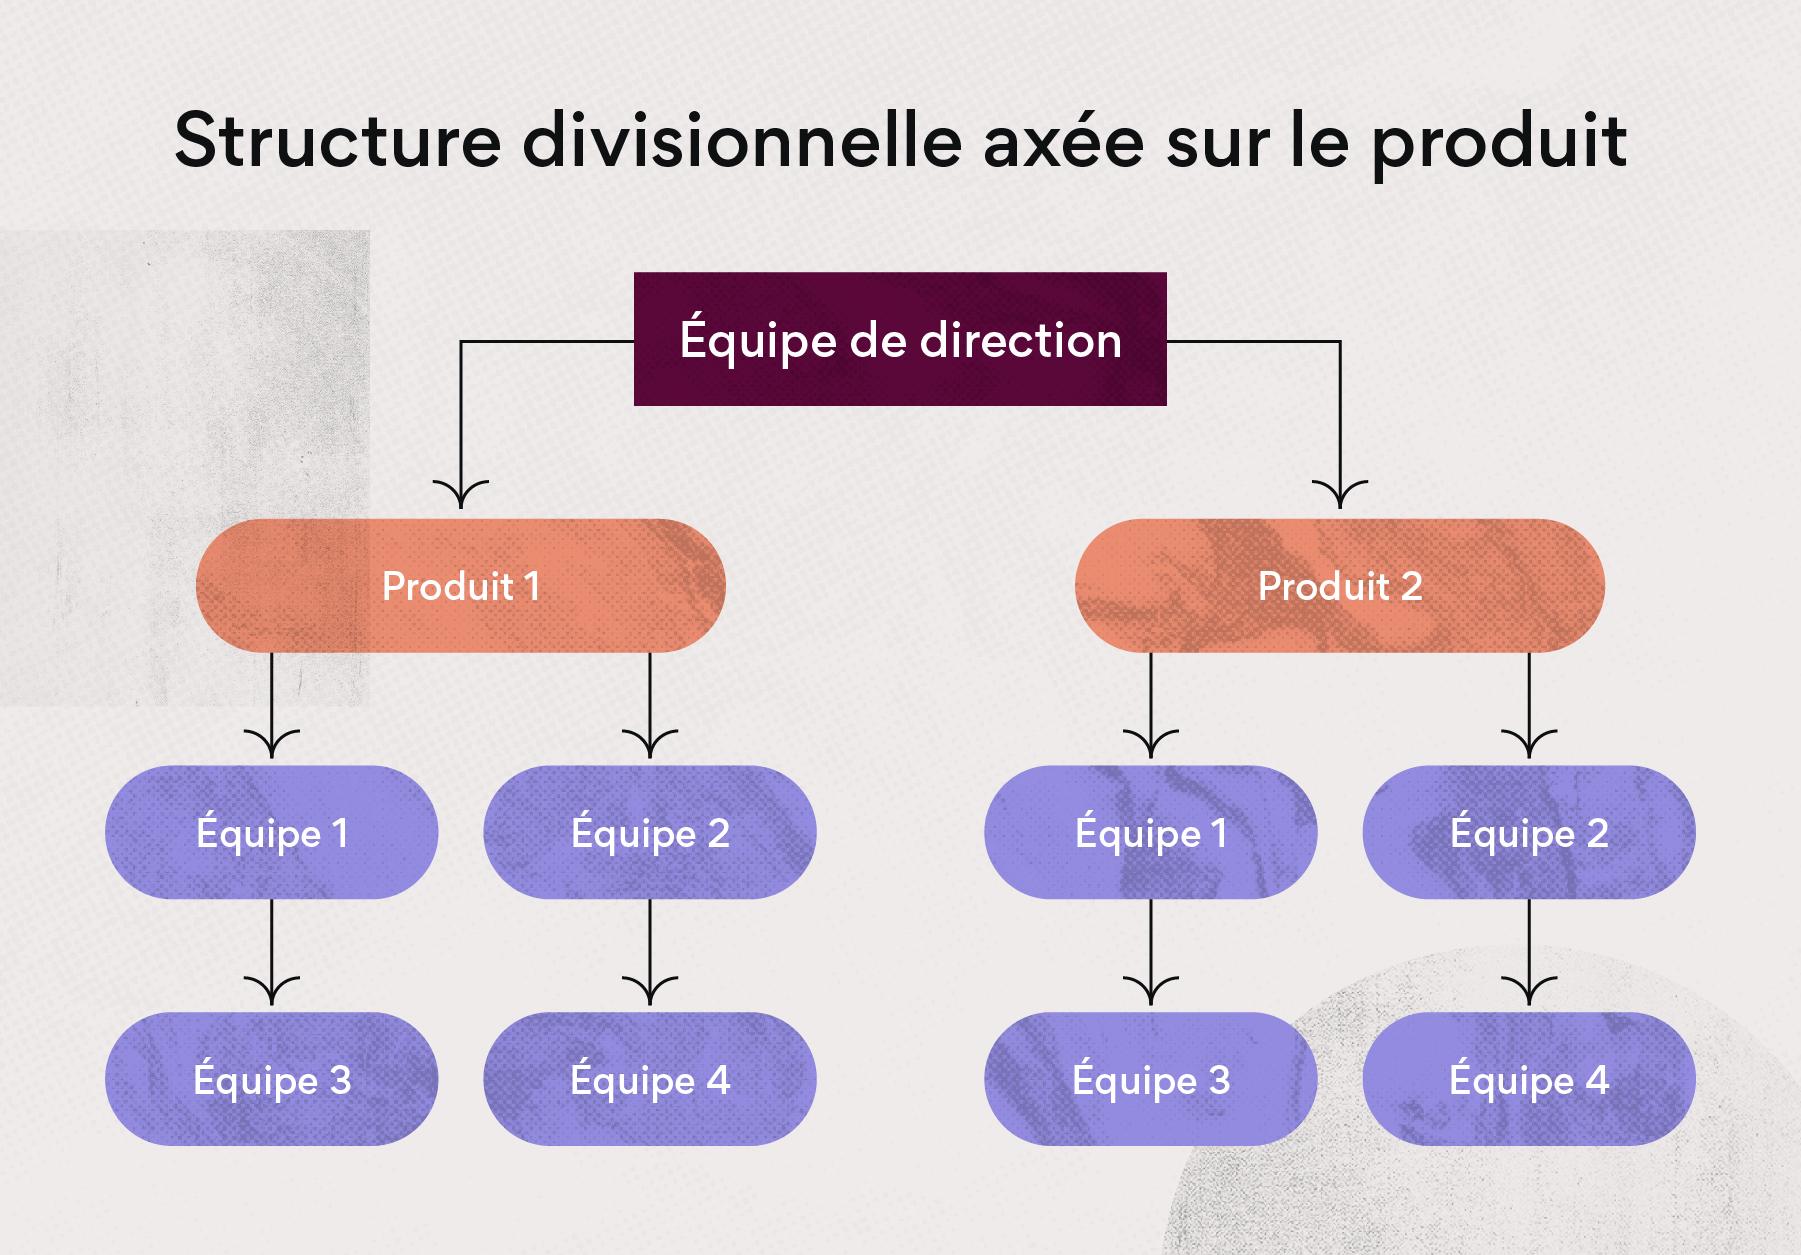 Structure divisionnelle axée sur le produit